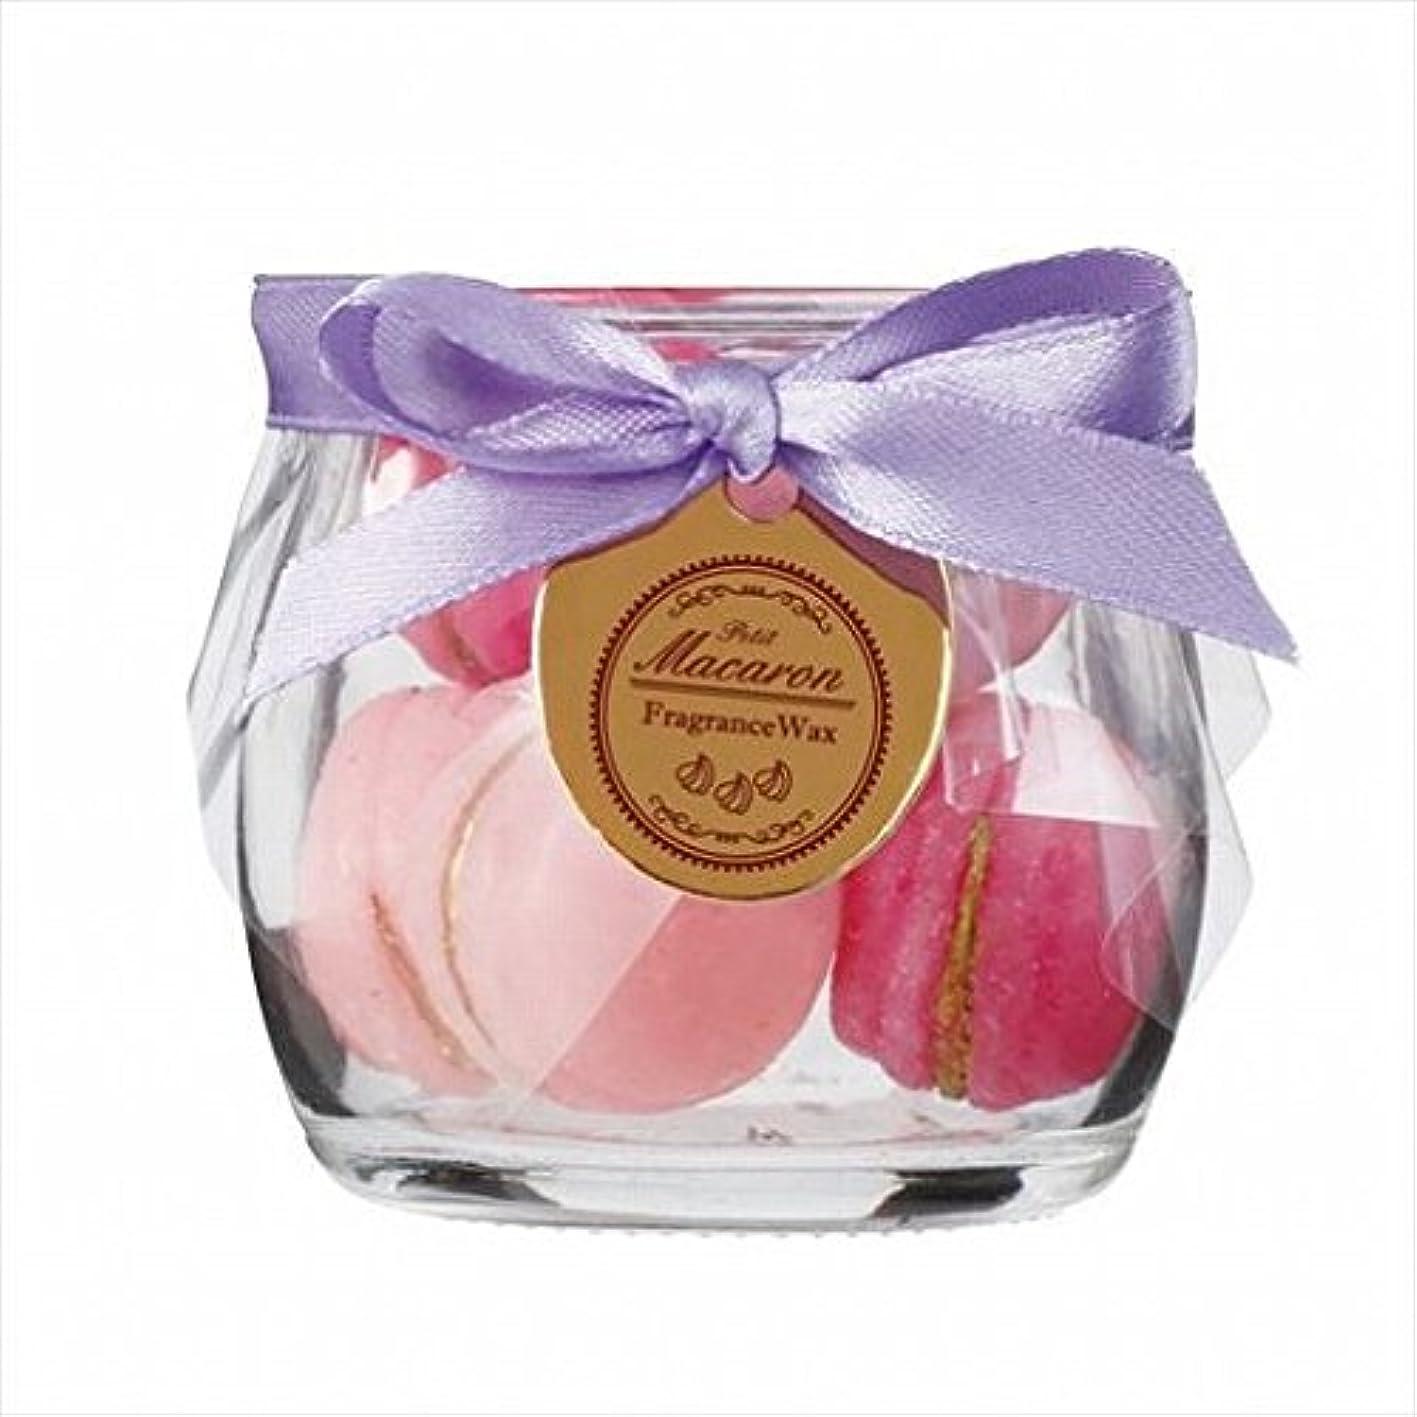 寓話敬意研磨sweets candle(スイーツキャンドル) プチマカロンフレグランス 「 バニラ 」 キャンドル 60x60x56mm (A3160550)